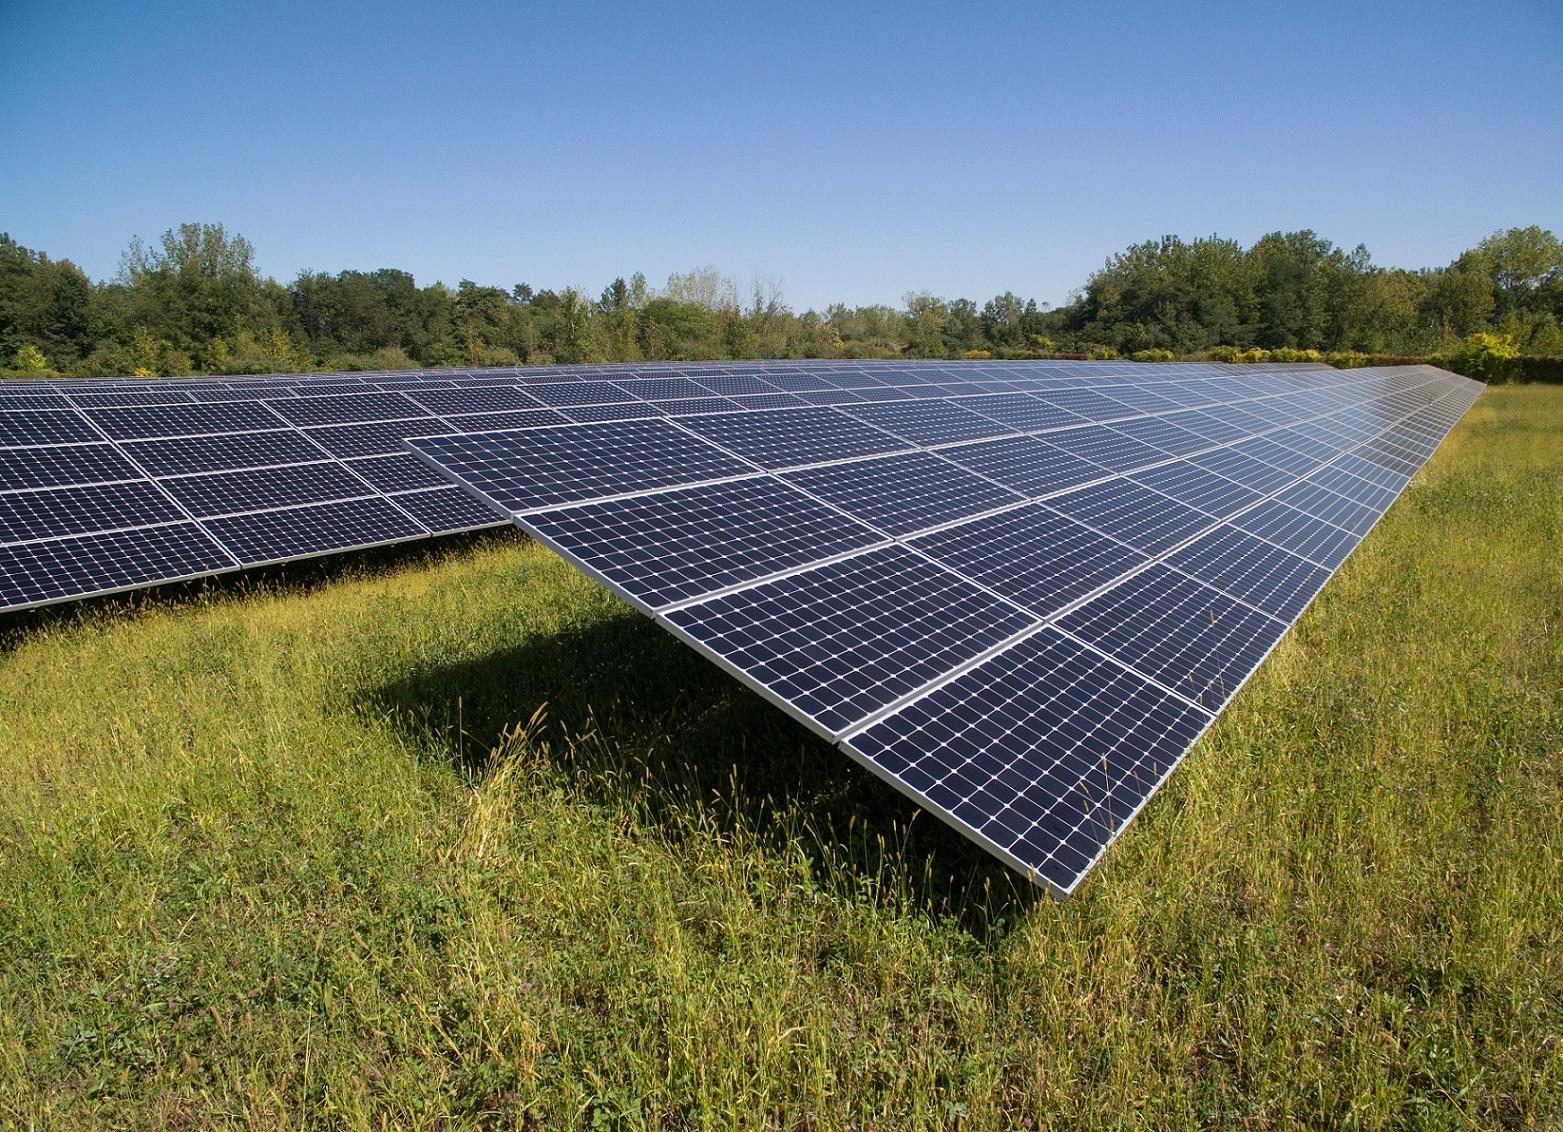 SunPower solar installation in a grassy field.